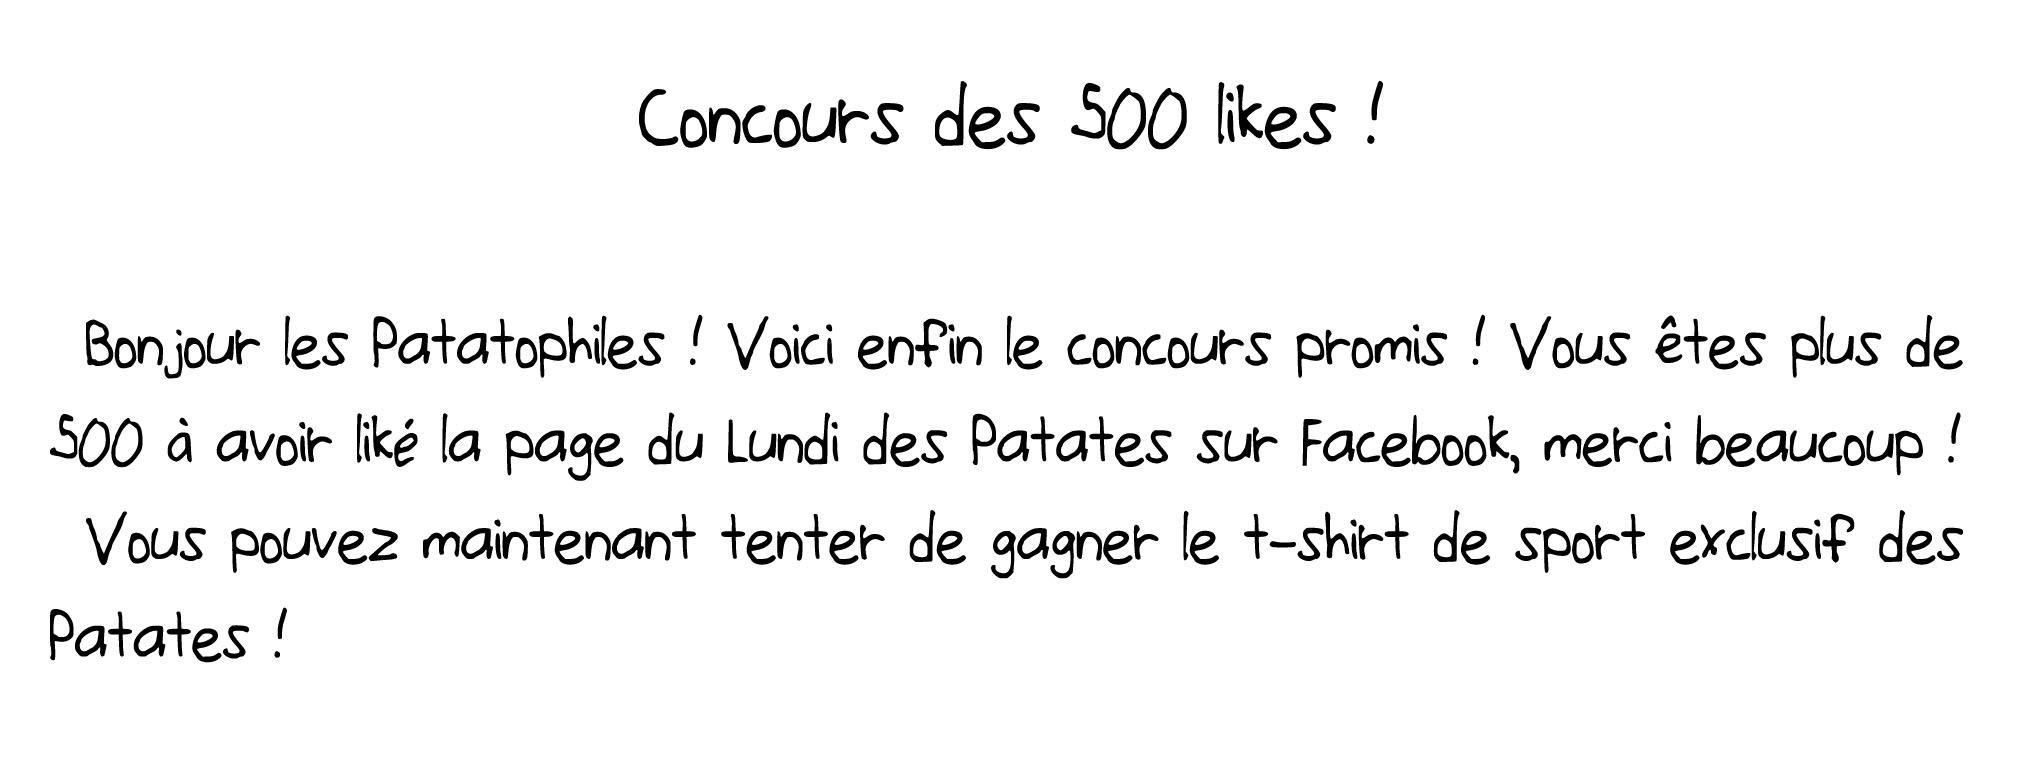 Concours des 500 likes texte 1